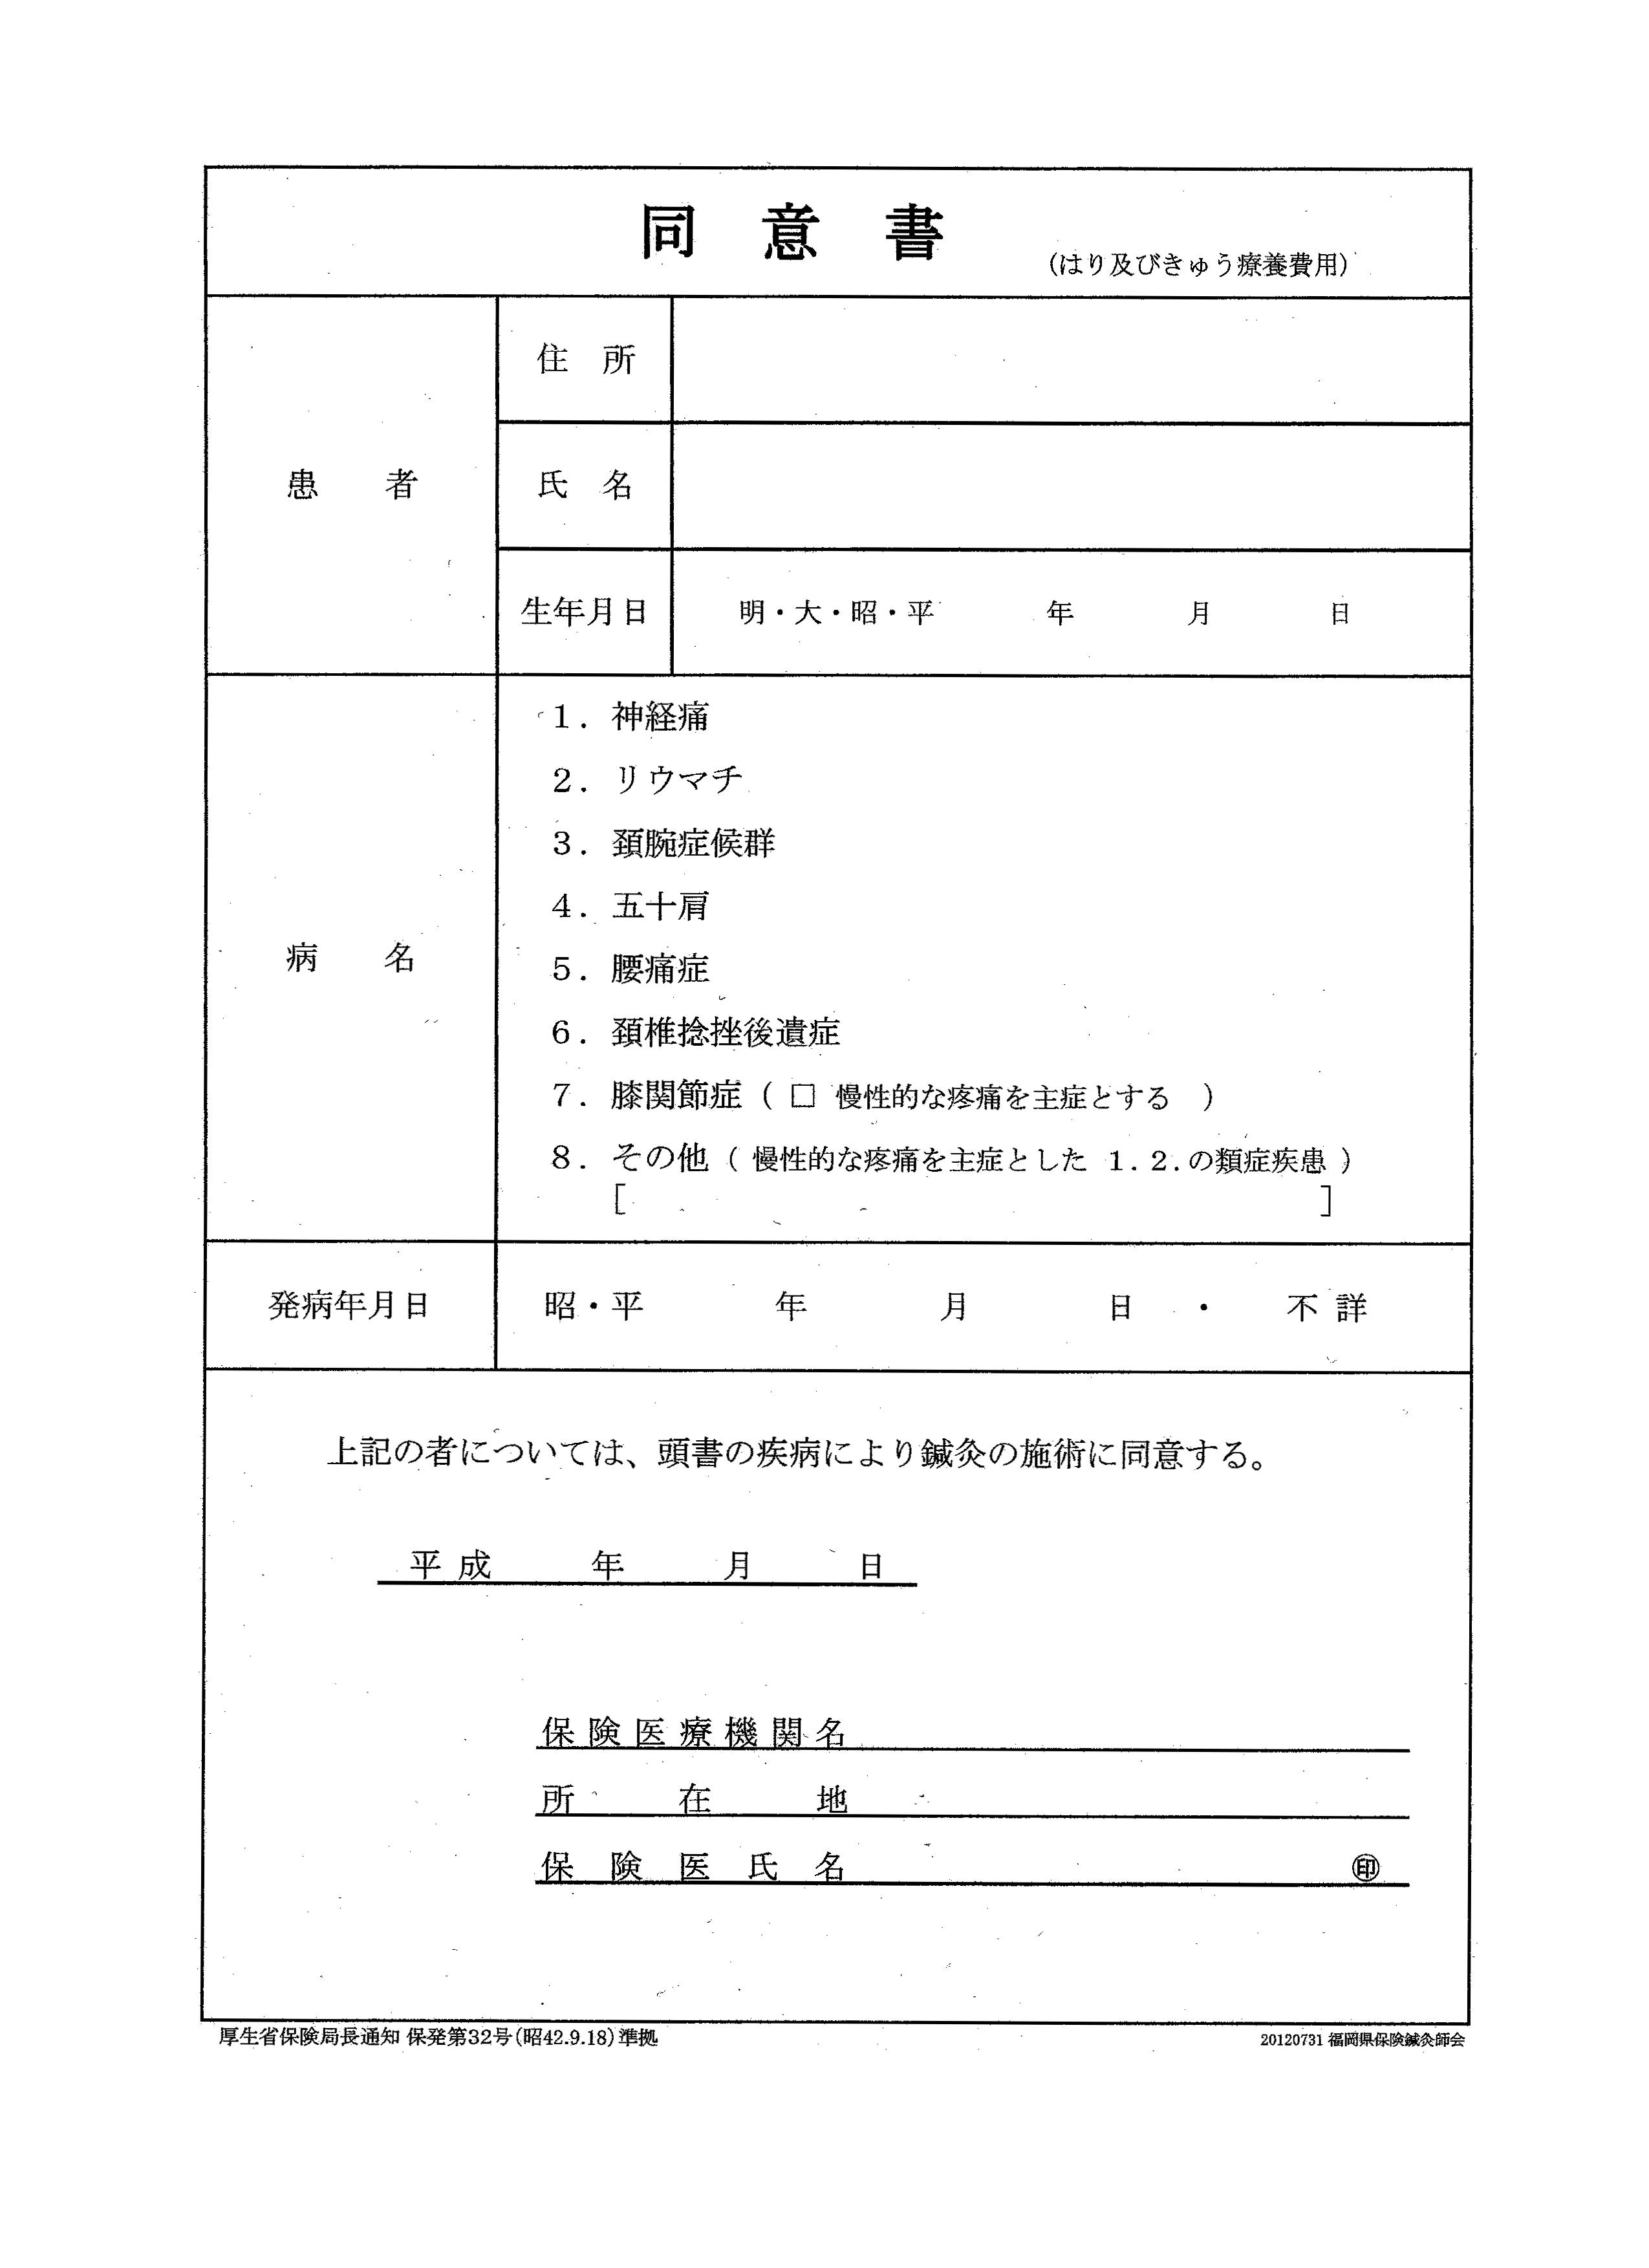 同意書 どういしょ Japanese English Dictionary Japaneseclass Jp